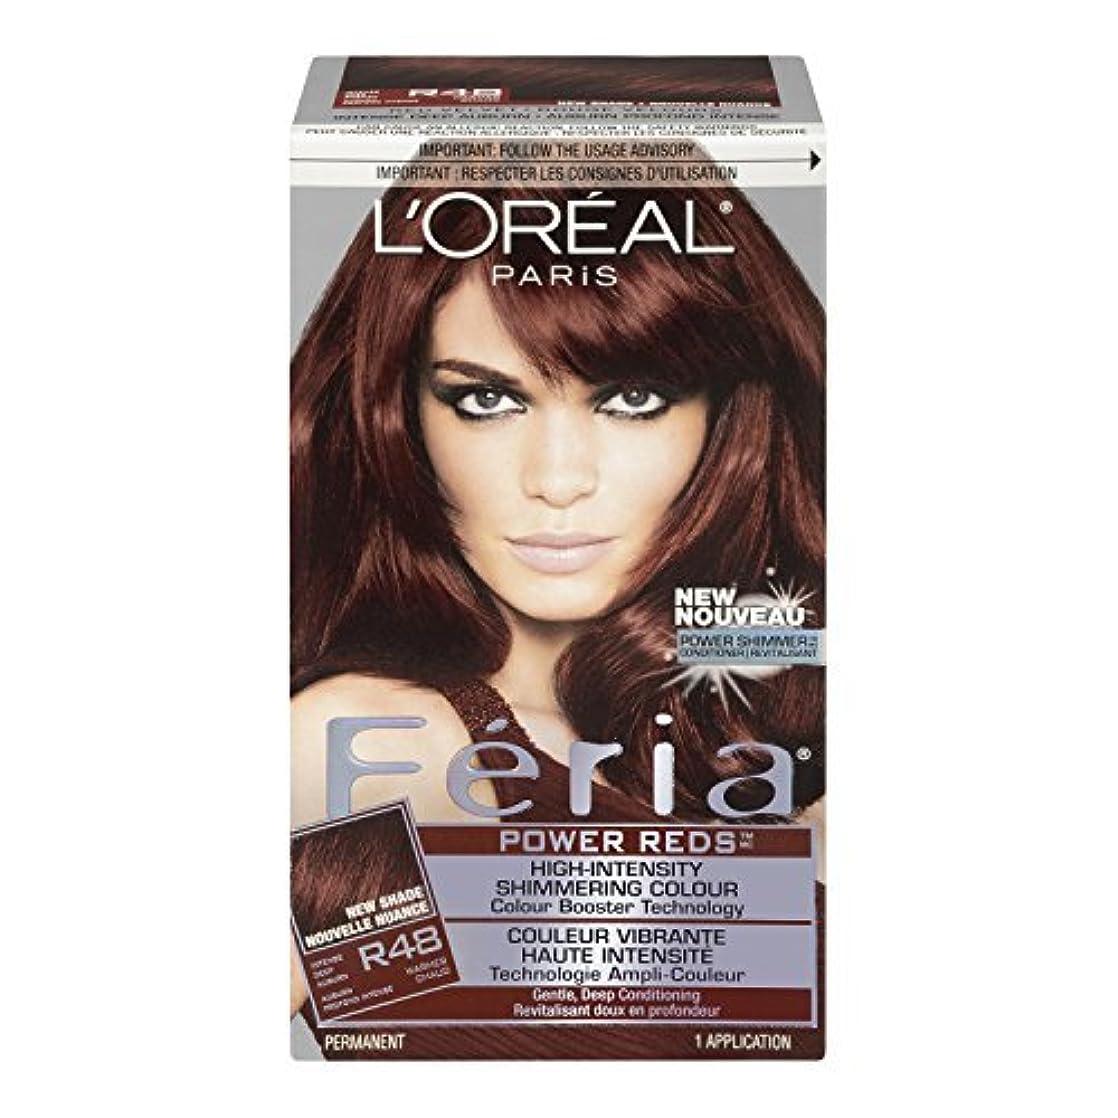 作業戦術以前はL'Oreal Feria Power Reds Hair Color, R48 Intense Deep Auburn/Red Velvet by L'Oreal Paris Hair Color [並行輸入品]